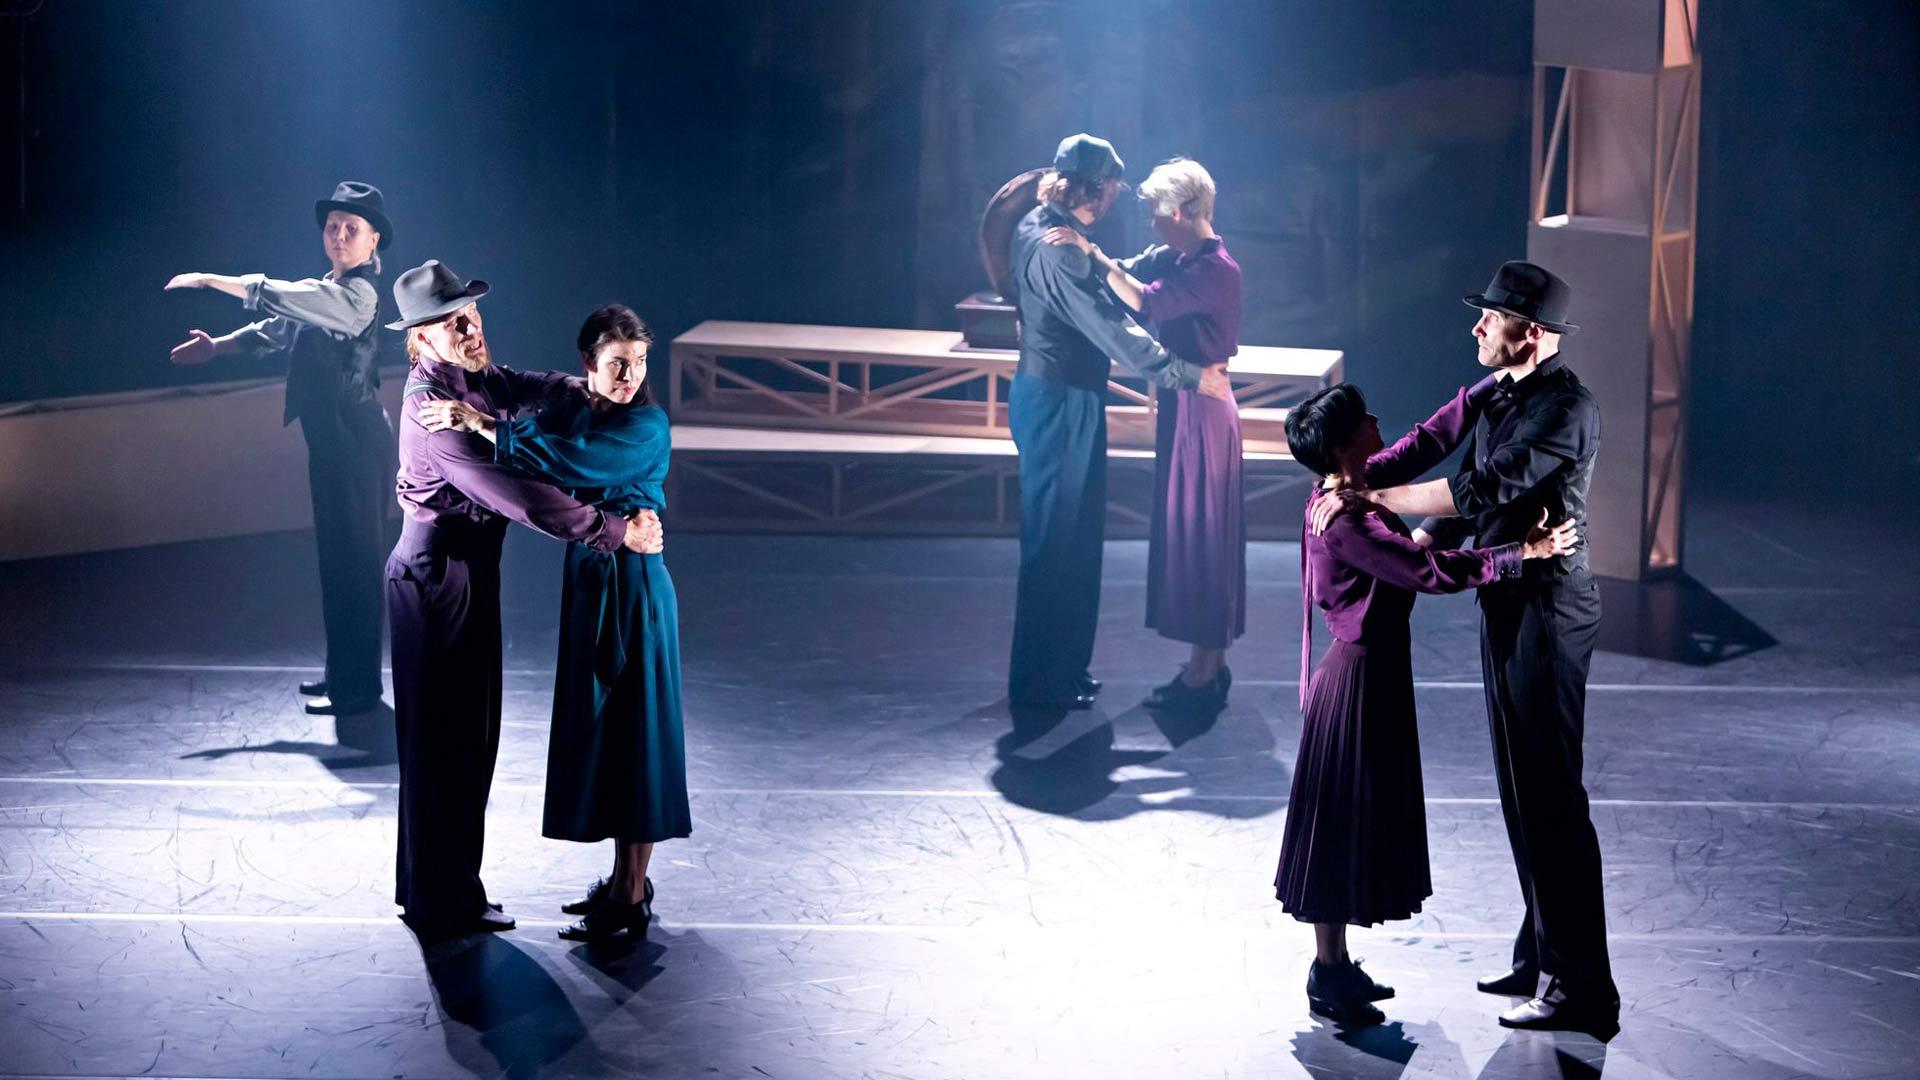 Tanssissa ollaan lähekkäin, mikä ei ollut tyypillistä suomalaiselle kulttuurille sota-aikana.